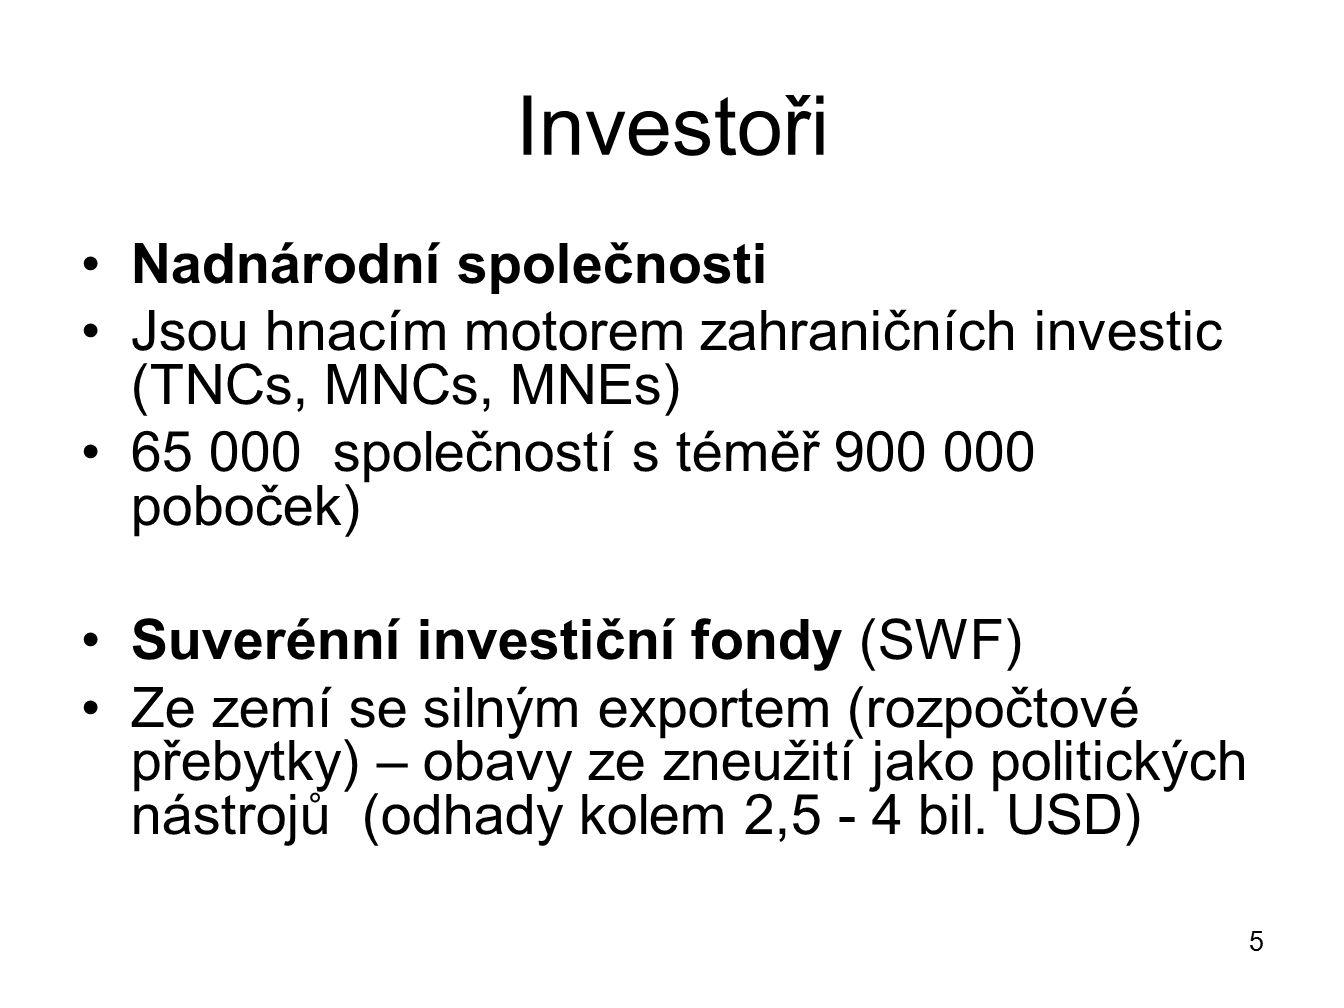 Role společností Různé motivy pro zahraniční investice - tvorba zisku: - reinvestice či repatriace 1.Snižování produkčních nákladů a.Obcházení obchodních bariér (x cla) b.Levnější výrobní faktory c.Lepší dostupnost trhů 2.Využívání výnosů z rozsahu 3.Zvyšování tržní síly (kontrola nad cenou) na nových trzích 4.Ekonomický kalkul – licencování versus internalizace (nákladů i zisků) prostřednictvím investice 5.Daňová optimalizace (a využití DTT dohod) 6.Ochrana podle mezinárodního práva 7.Možnost využití pobídek 8.Lepší porozumění cílovému trhu – korporátní strategie 6